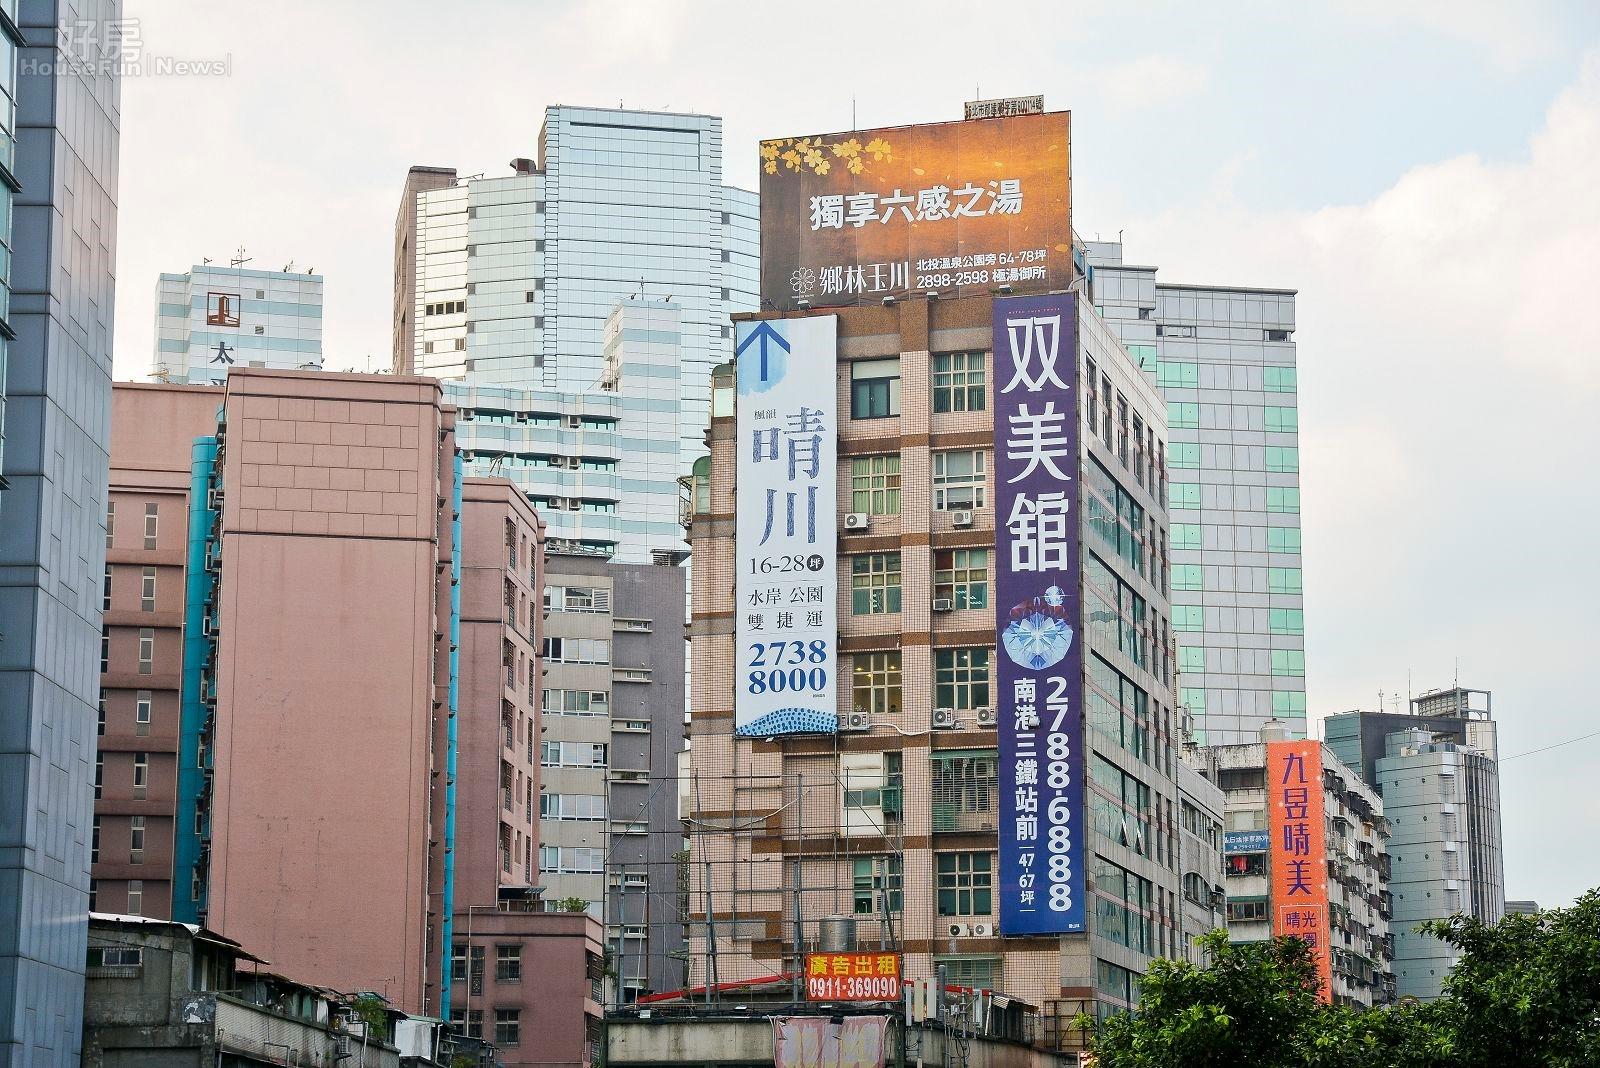 建案廣告 房市情境 街景。(好房網News記者 陳韋帆/攝影)